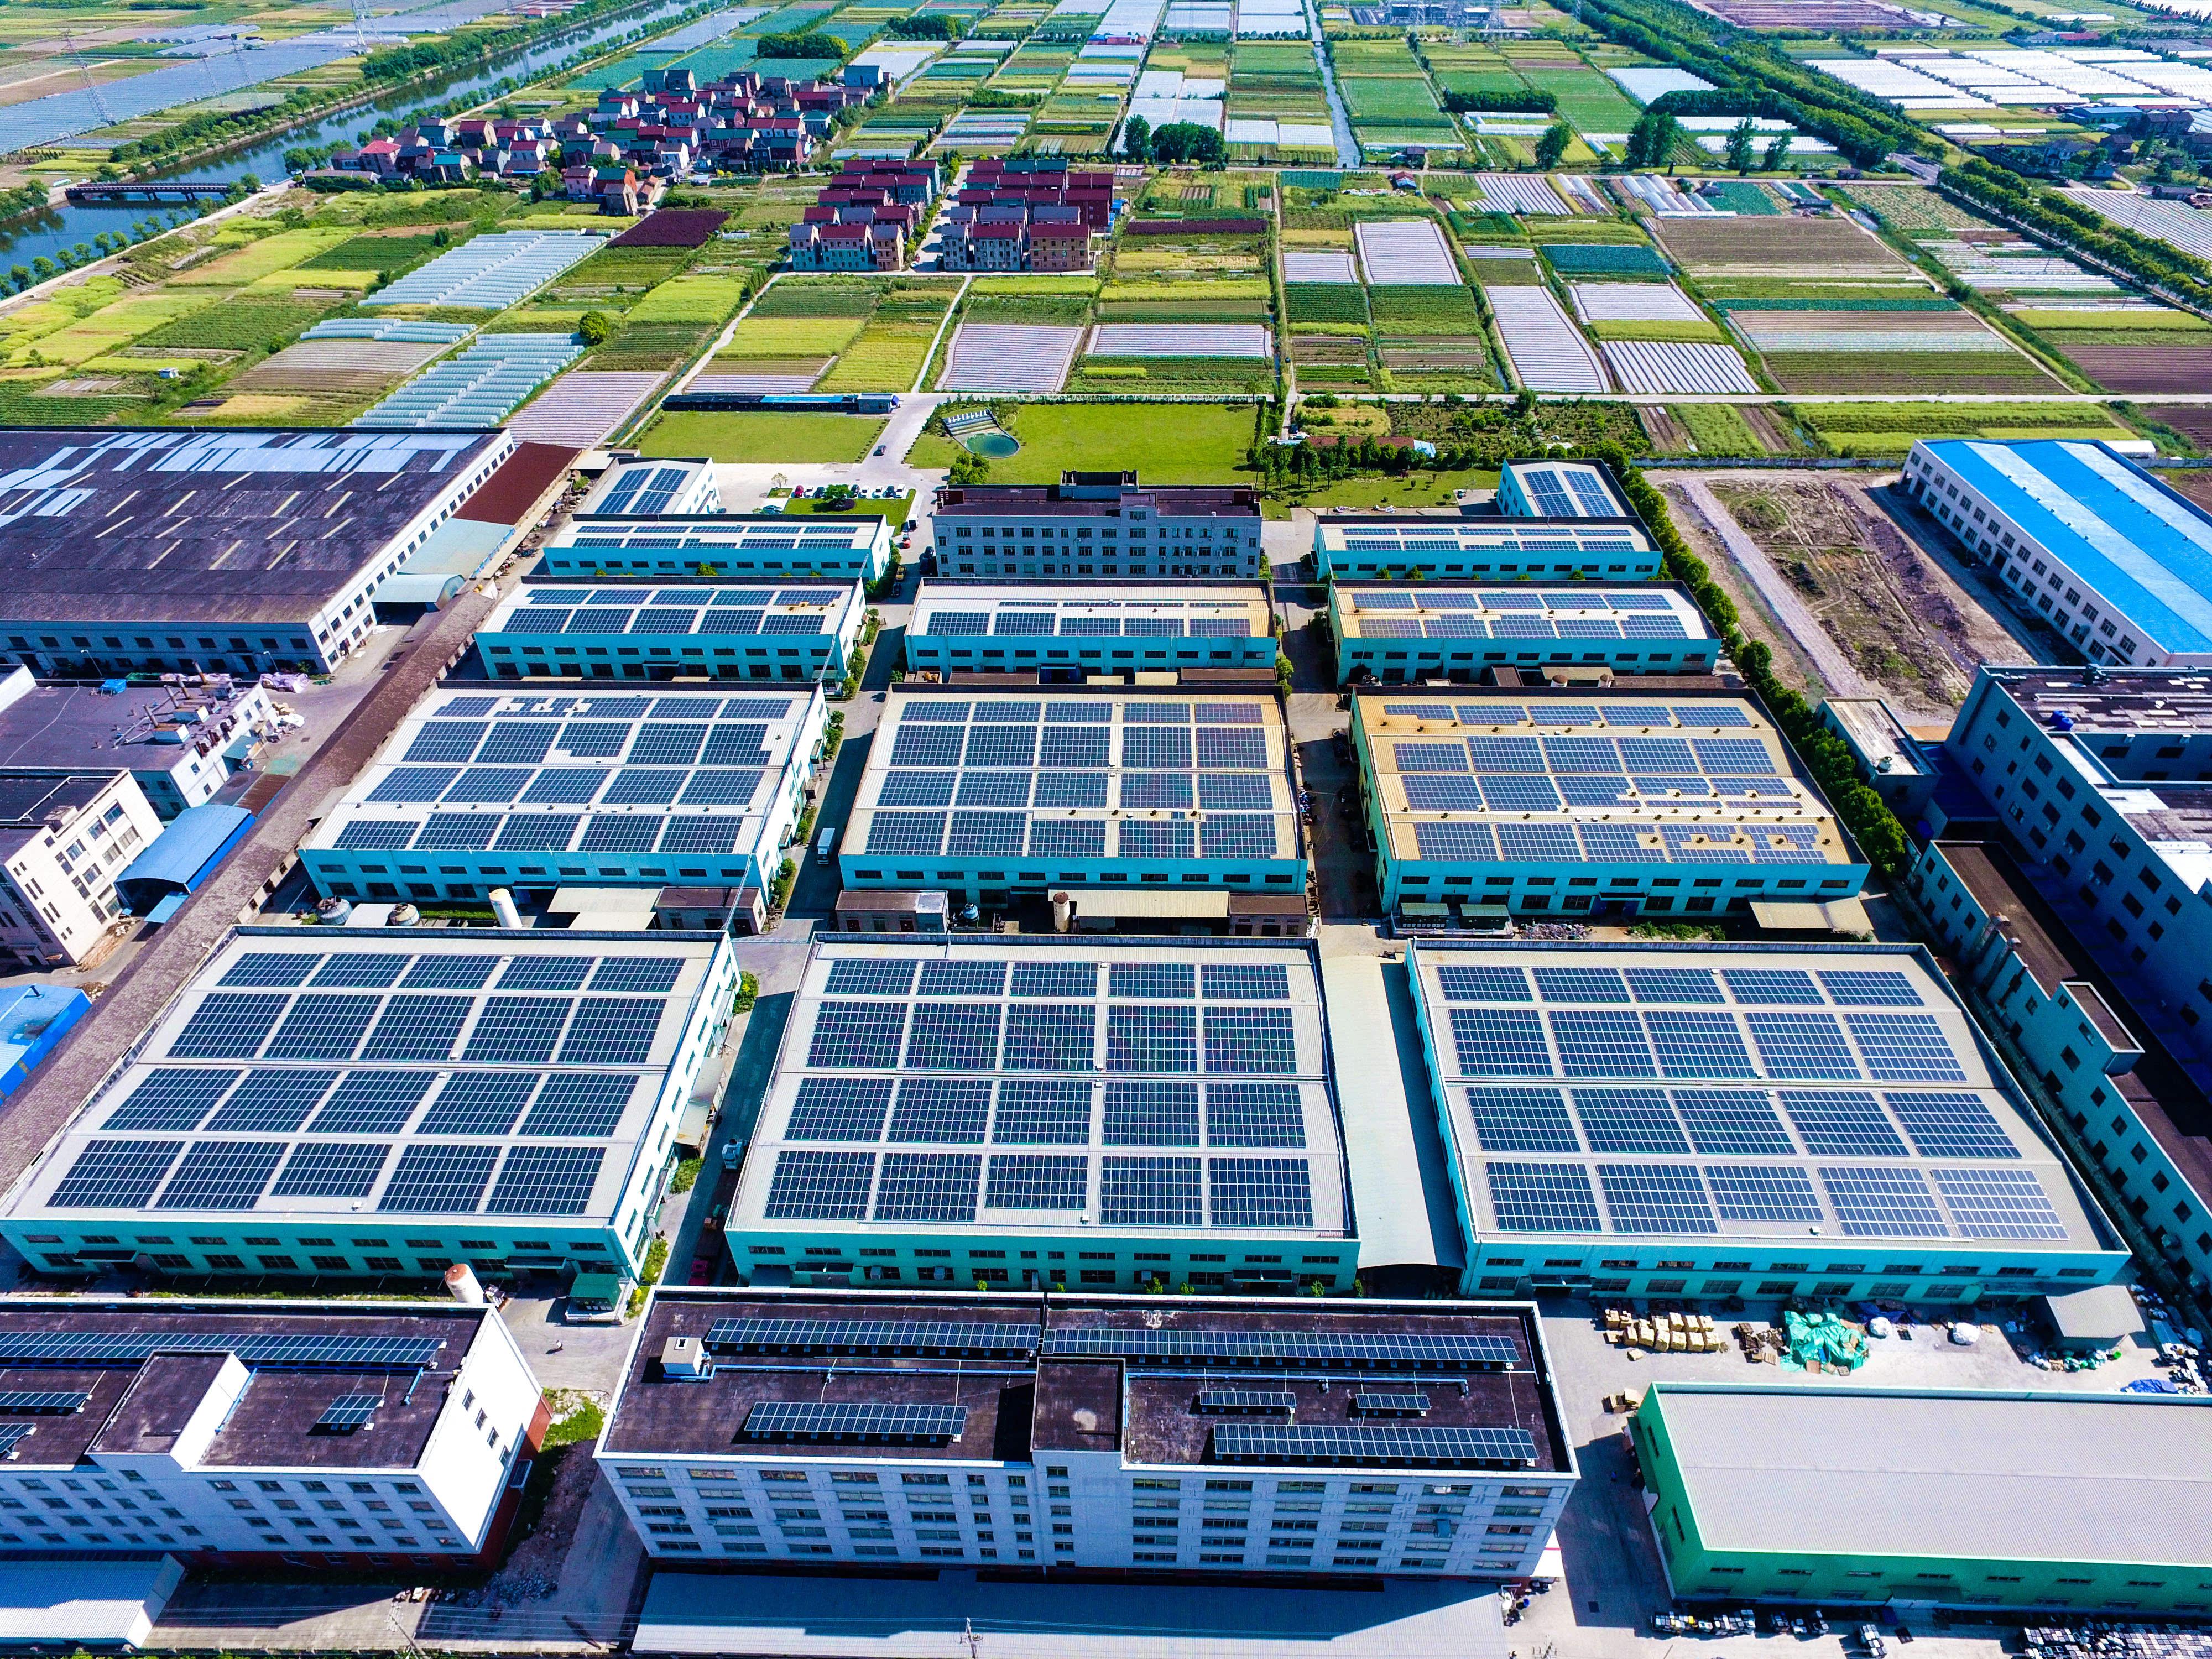 """浙江慈溪:屋顶绿色""""光伏发电站""""进入发展""""快车道"""""""